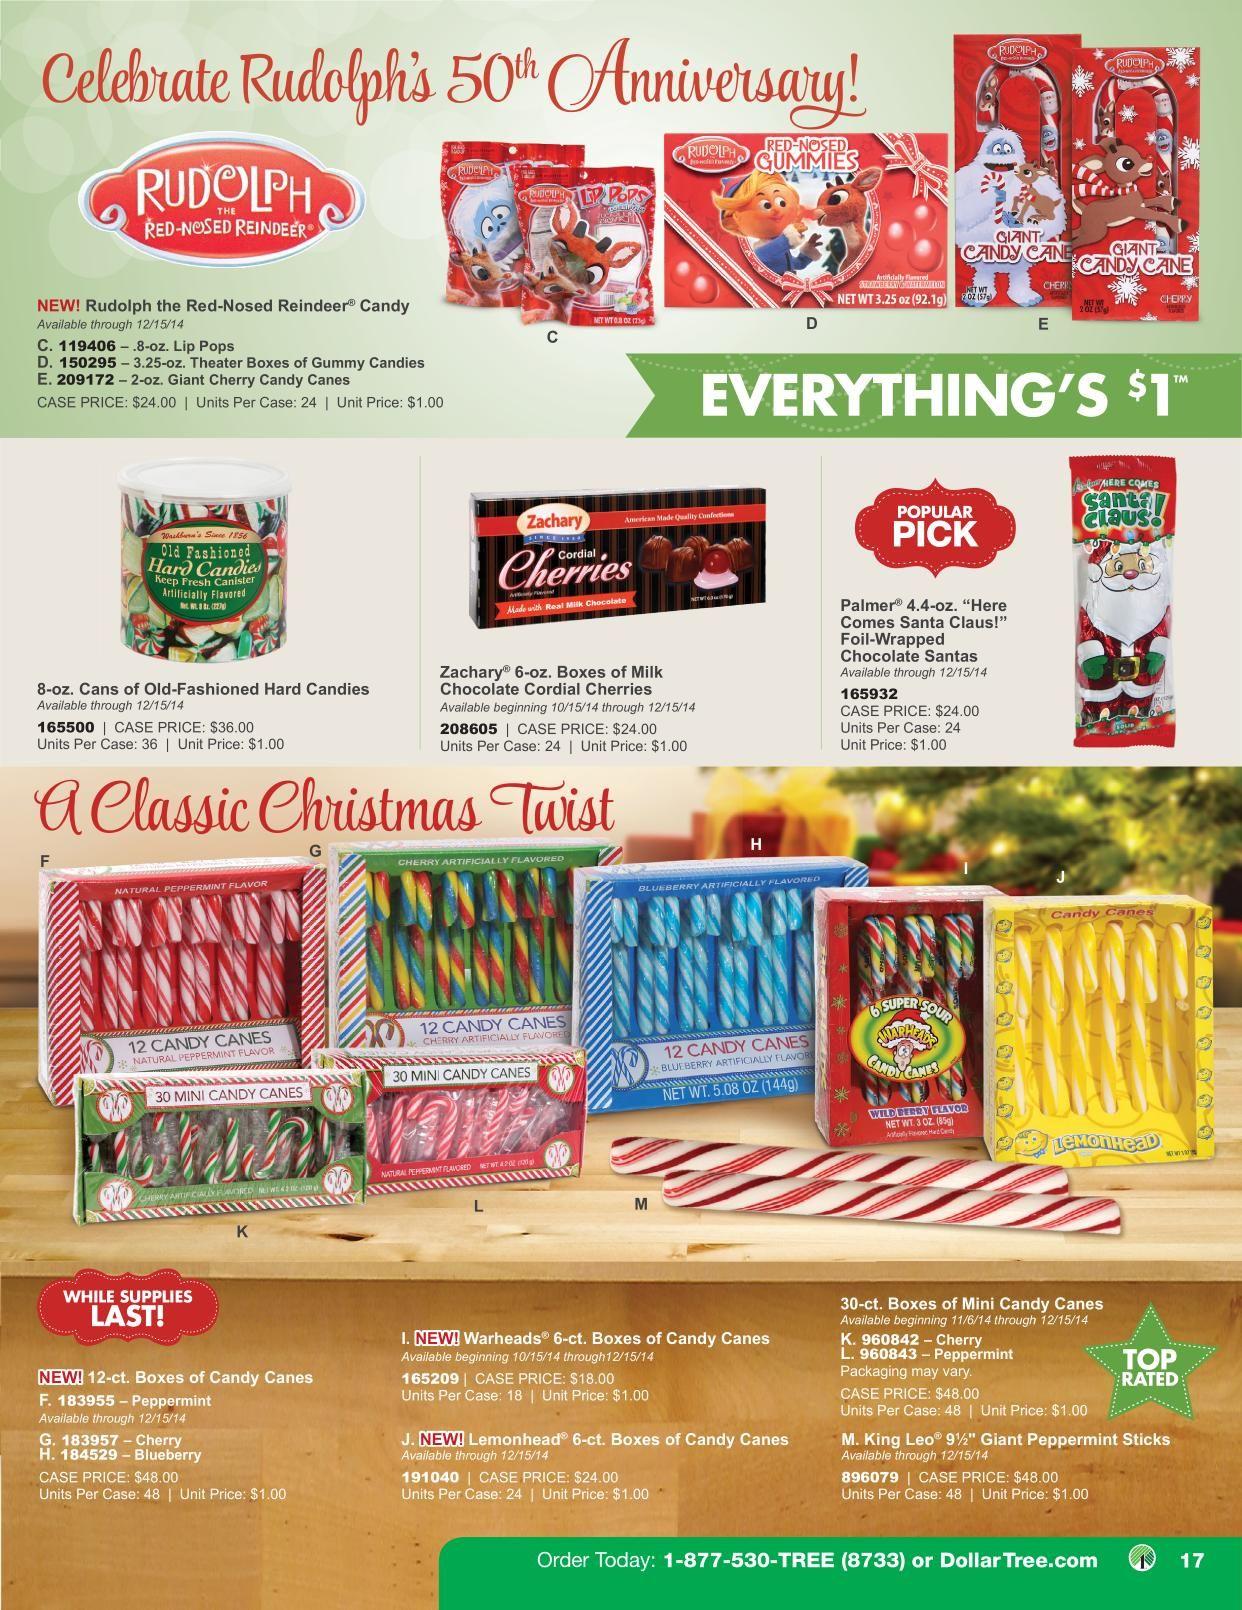 Dollar Tree Holiday Catalog 2014 Rudolph S 50th Anniversary